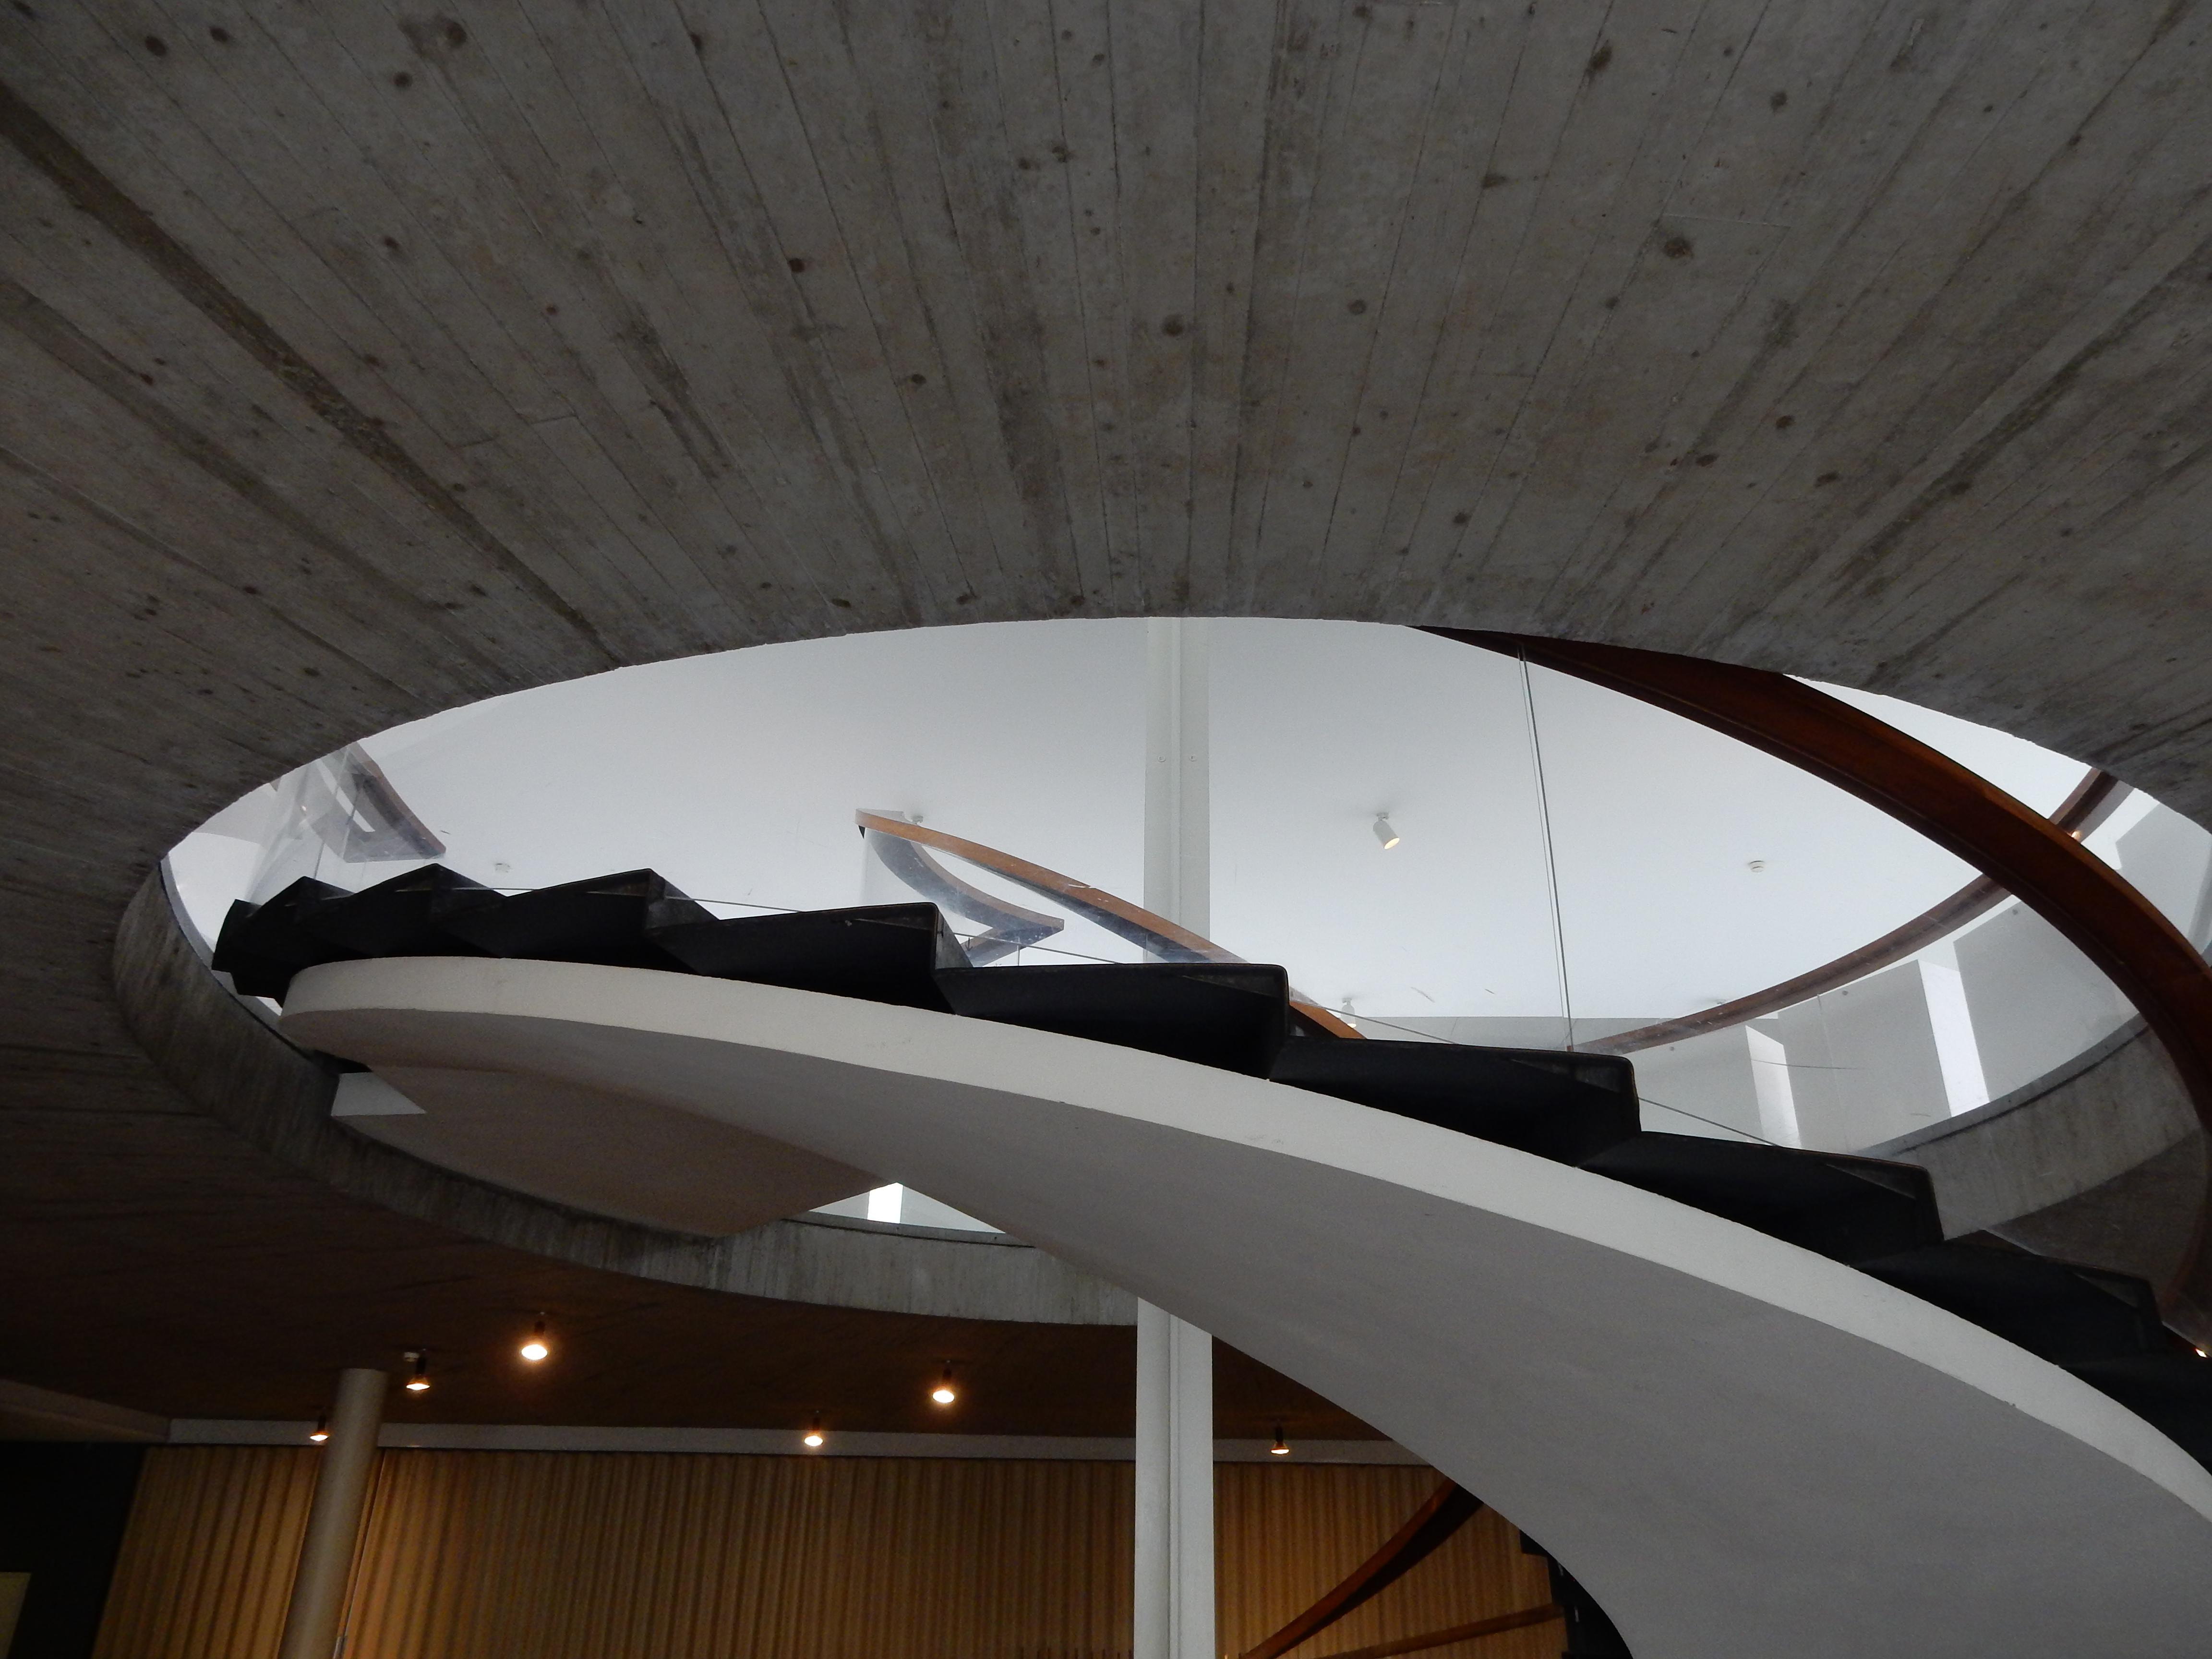 Schmuckmuseum Pforzheim, 11 mei 2019. Foto Coert Peter Krabbe, interieur, trap